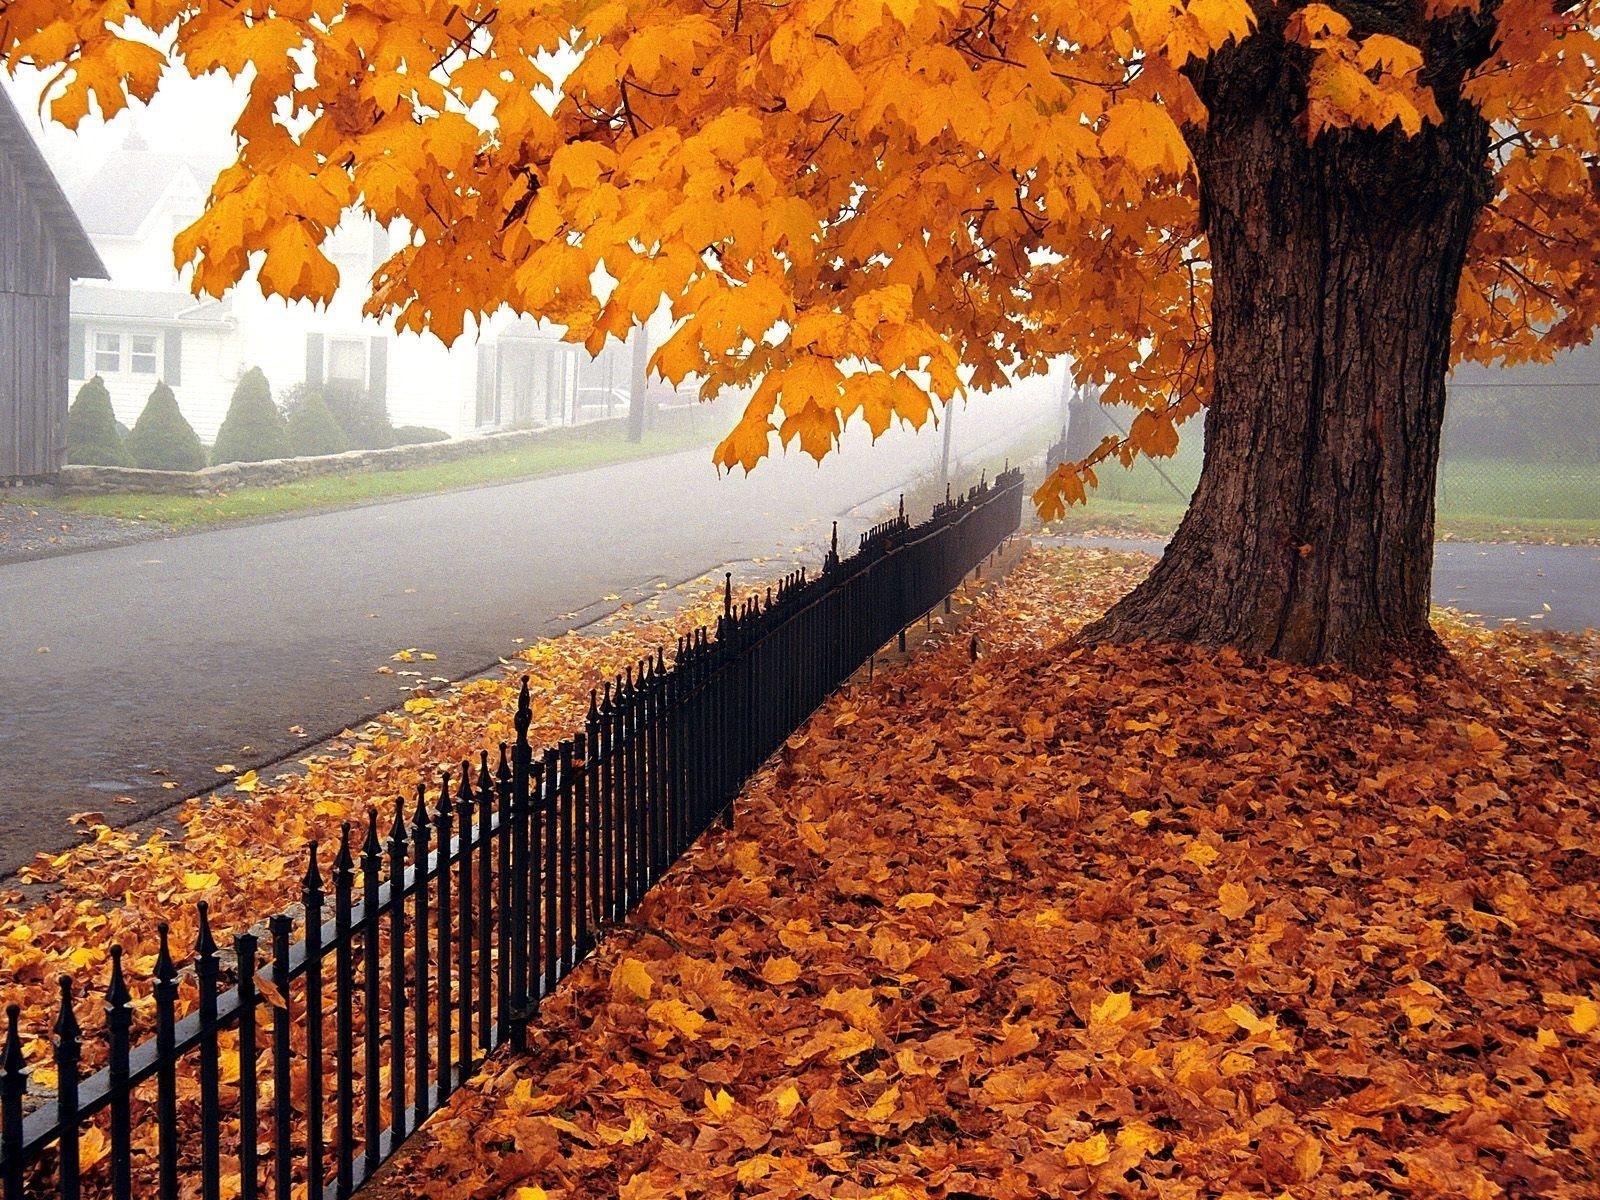 Liście, Ogrodzenie, Jesień, Ulica, Żółte, Drzewo